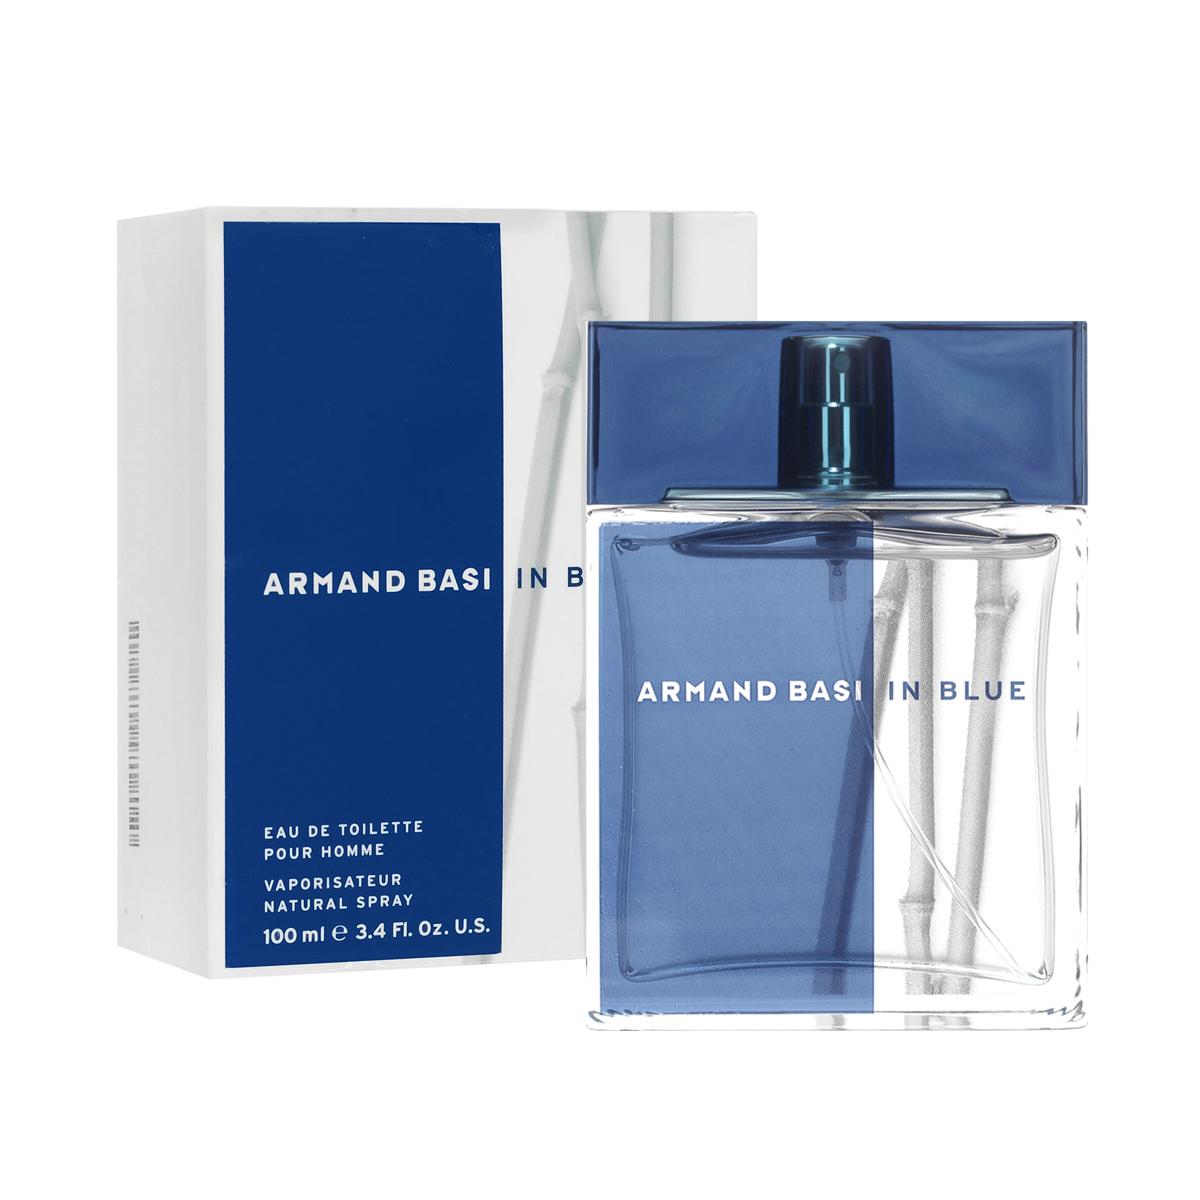 """Armand Basi Туалетная вода In Blue, мужская, 100 мл30304Аромат, созданный благодаря слиянию последних тенденций мировой моды и особого дизайнерского стиля Armand Basi. Продолжая развитие основной """"природной"""" концепции женского аромата Armand Basi In Red, аромат Armand Basi In Blue гармонично воплотил основные черты, присущие современному мужчине.Синий цвет - противоположность красного. Такой же чистоты, как сам воздух, такой же интенсивности, как сила и глубина океана. Синий как цвет моря, комбинация силы и спокойствия, страсти и нежности. Актуальность и изысканность сливаются в одно целое, отражая образ современного мужчины, энергичного, спортивного и одновременно целеустремленного, относящегося к природе как к источнику силы и творчества. Создатель аромата - Alberto Morillas.Классификация аромата: древесный.Пирамида аромата:Верхние ноты: мандарин, бергамот, грейпфрут, листья кориандра.Ноты сердца: лотос, нероли, перец, ростки черной смородины.Ноты шлейфа: дубовый мох, древесные ноты, пачули.Ключевые словаМужественный, чувственный, энергичный!Туалетная вода - один из самых популярных видов парфюмерной продукции. Туалетная вода содержит 4-10%парфюмерного экстракта. Главные достоинства данного типа продукции заключаются в доступной цене, разнообразии форматов (как правило, 30, 50, 75, 100 мл), удобстве использования (чаще всего - спрей). Идеальна для дневного использования.Товар сертифицирован."""